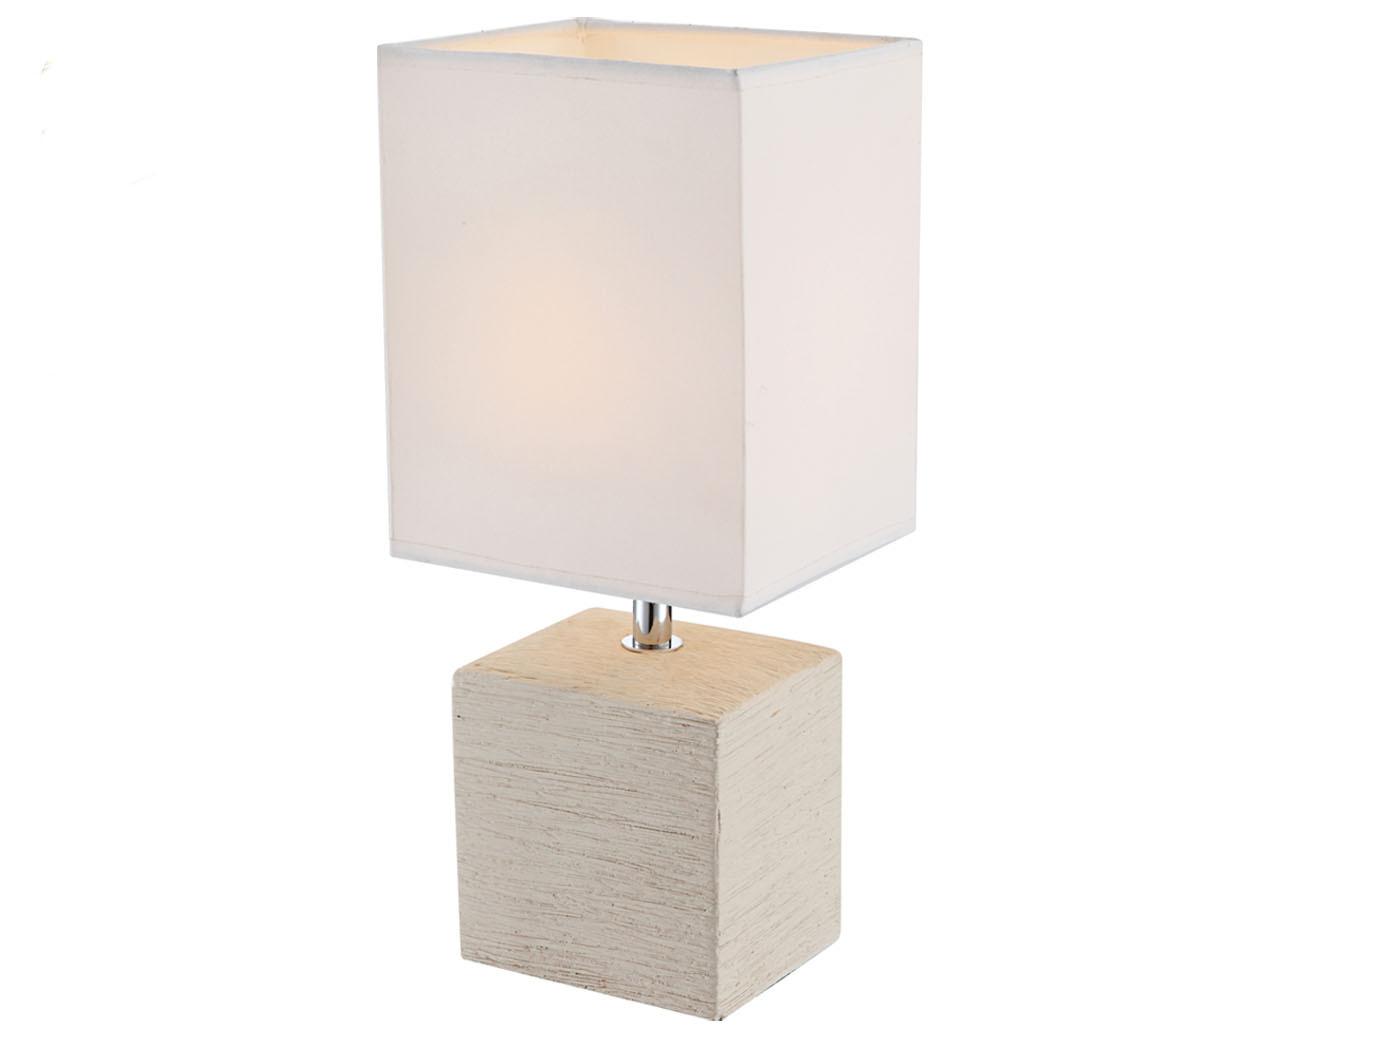 Globo Tischleuchte GERI Keramik Stoff Weiss Kleine Wohnzimmerlampe